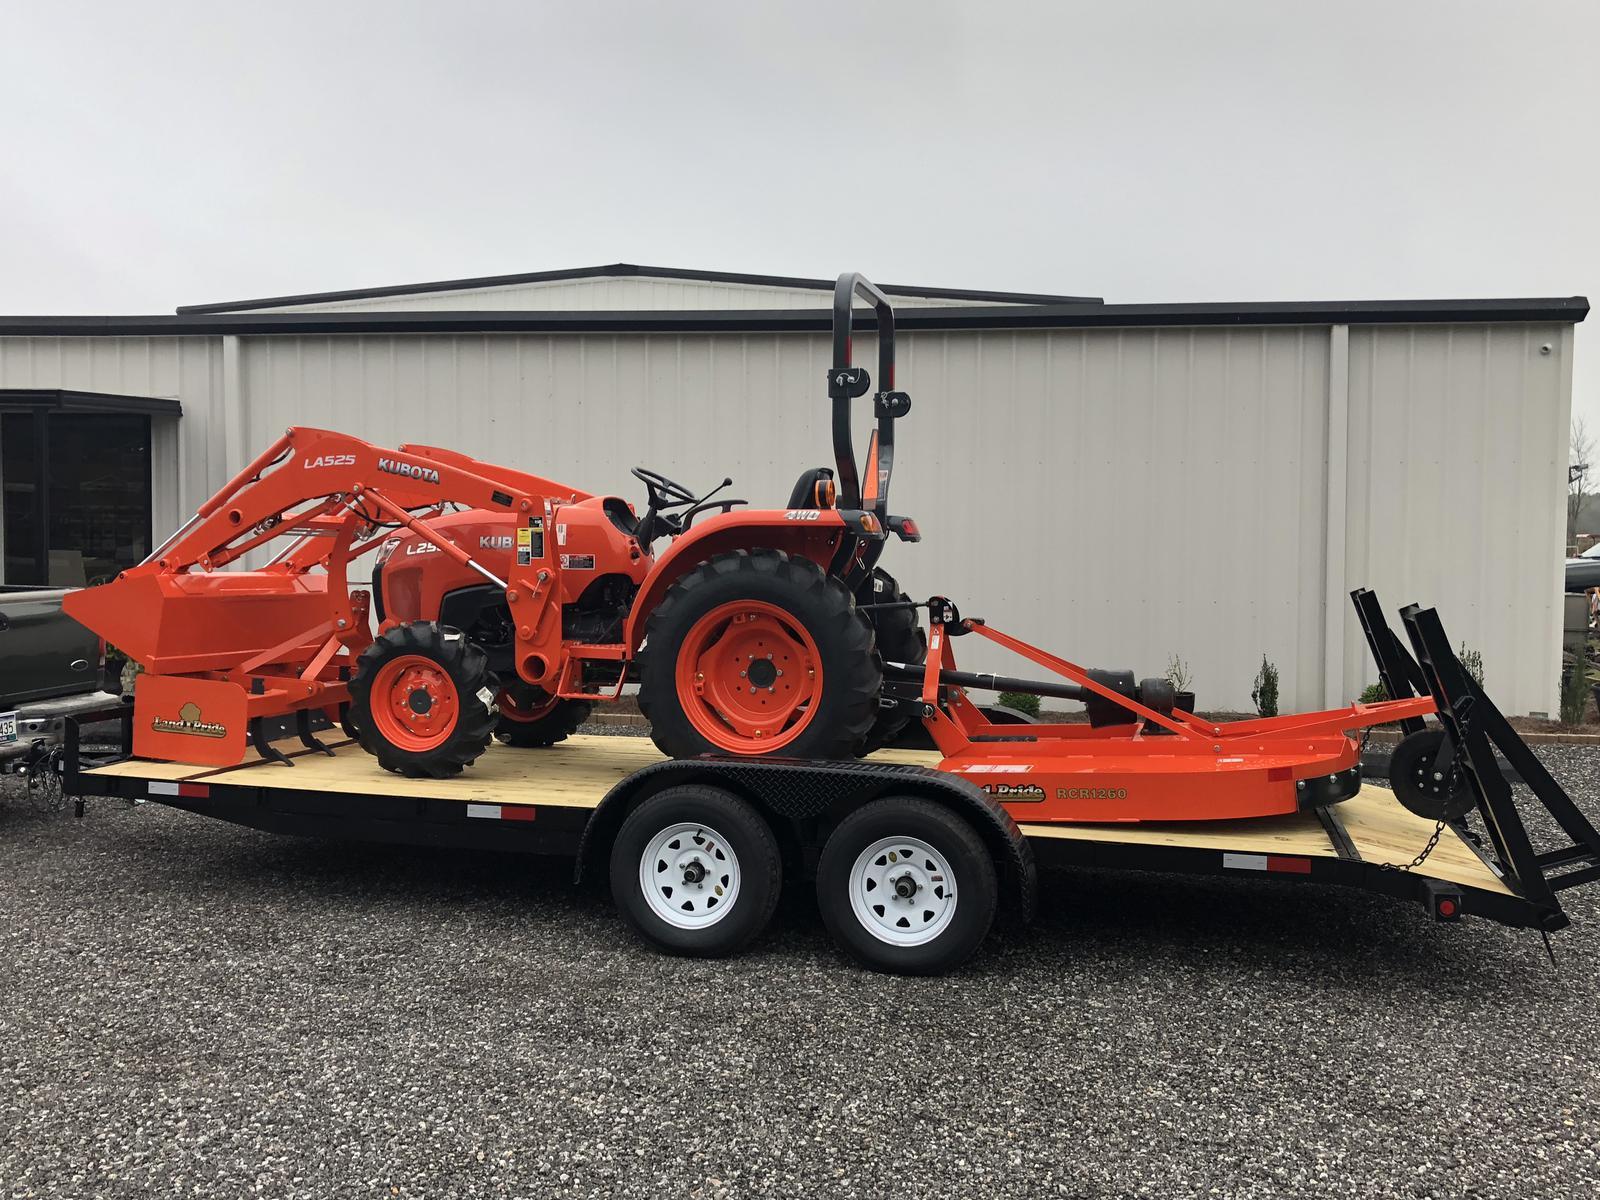 Inventory Pioneer Farm Equipment Inc  Orangeburg, SC (803